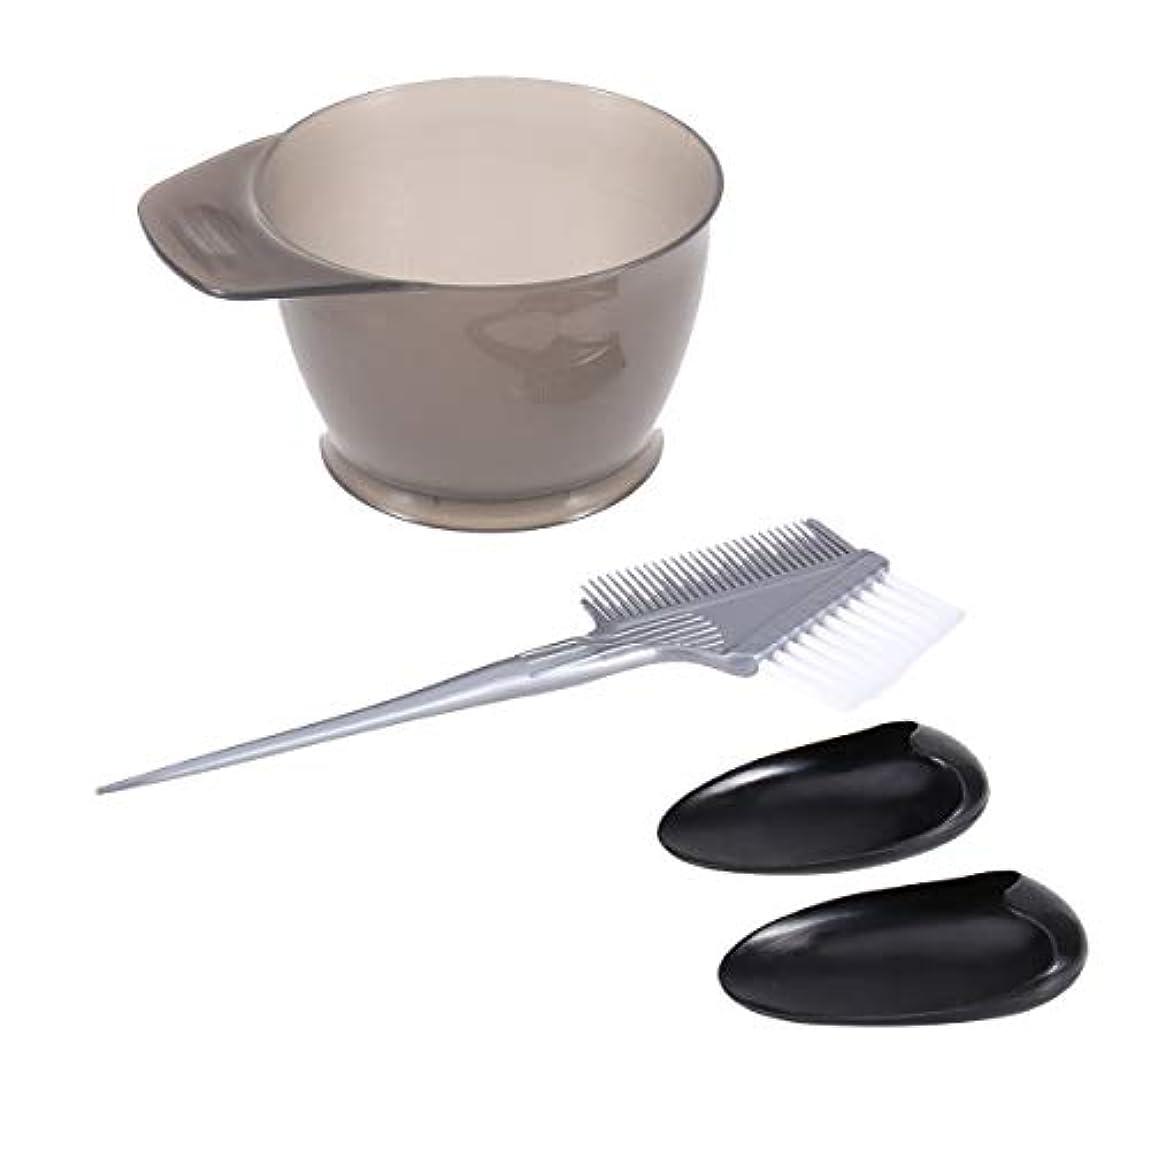 装置乳白色魔法Frcolor ヘアダイブラシ ヘアカラーカップ 毛染め用耳カバー ヘアダイコーム 4点セット 家庭用 美容師プロ用 プラスチック製